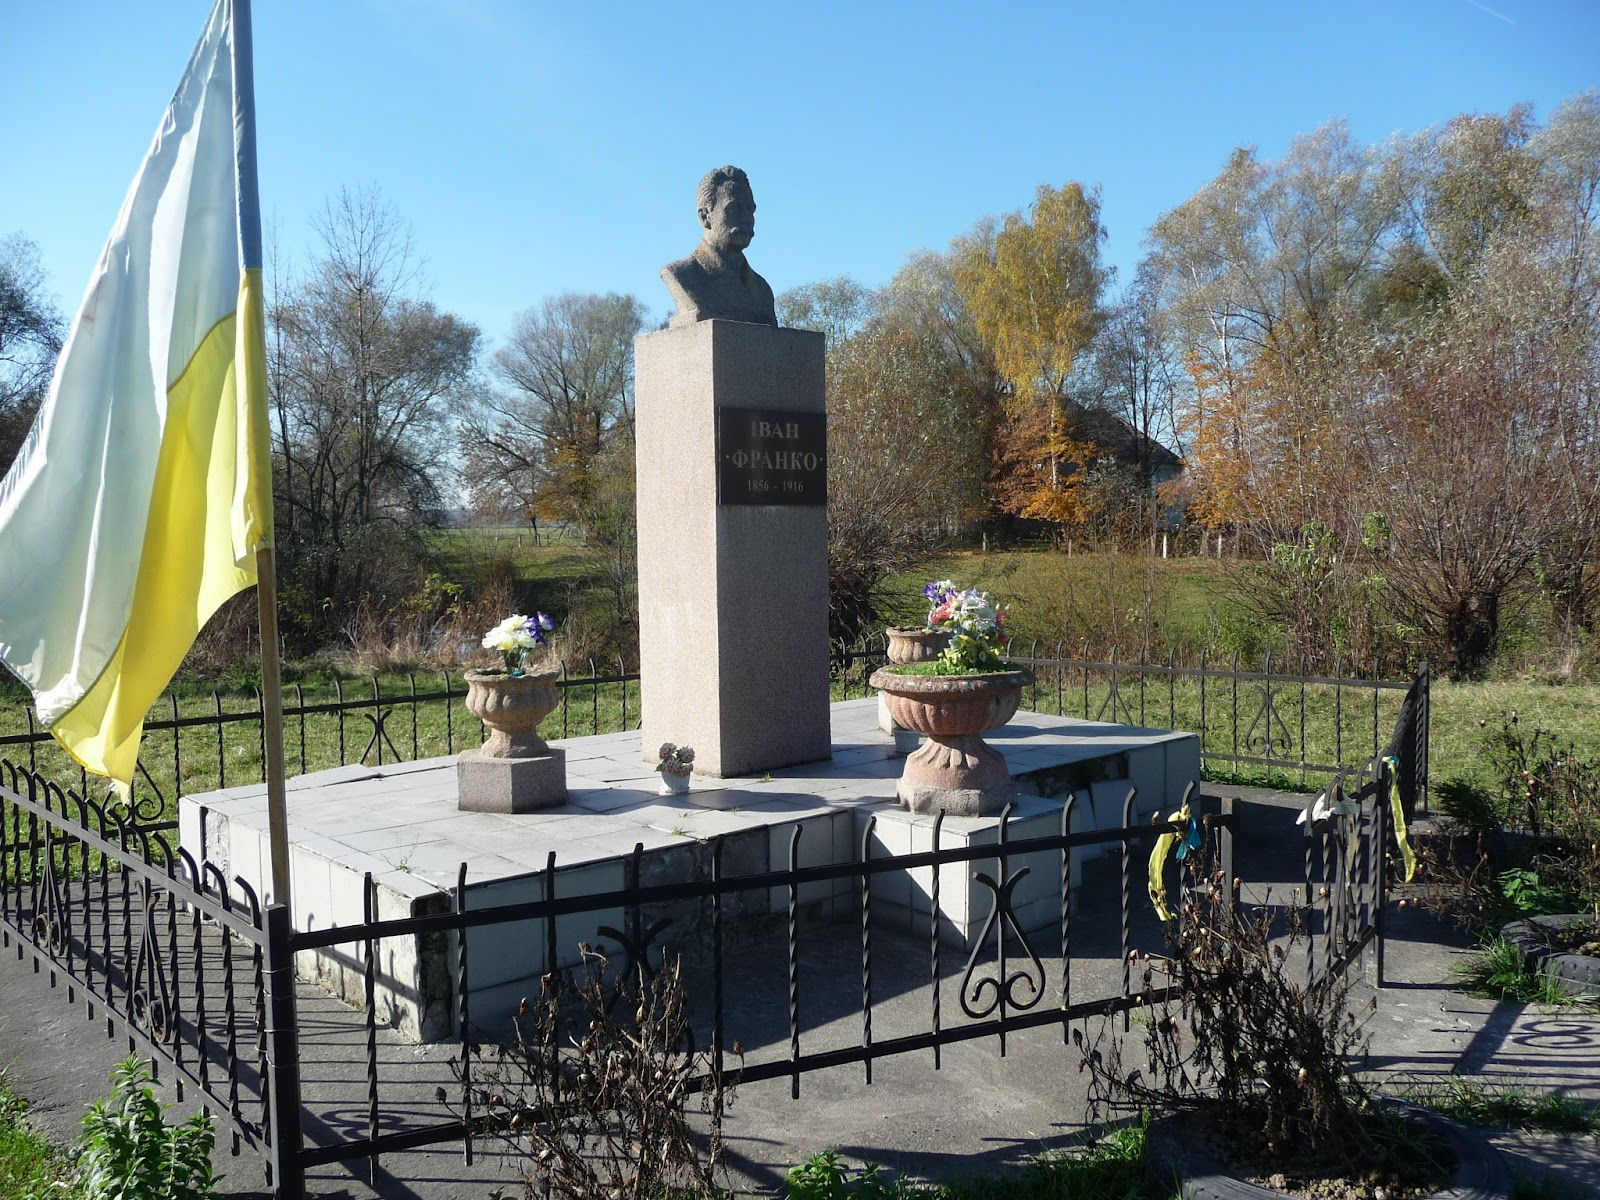 Добровляны Дрогобычского района. Памятник Франко